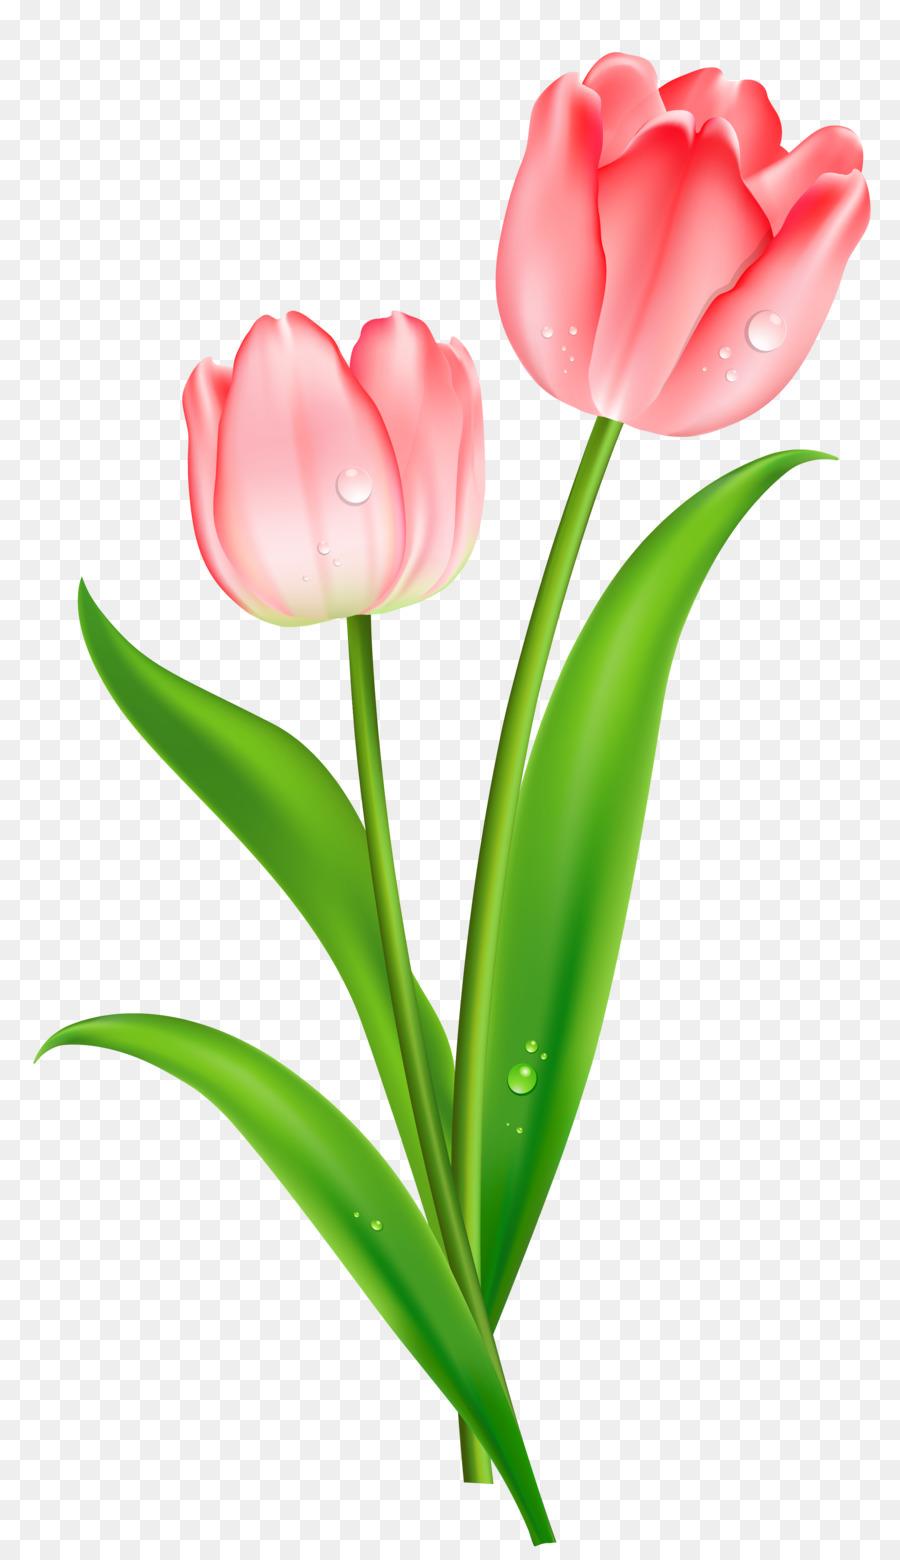 Картинка тюльпаны на белом фоне для детей